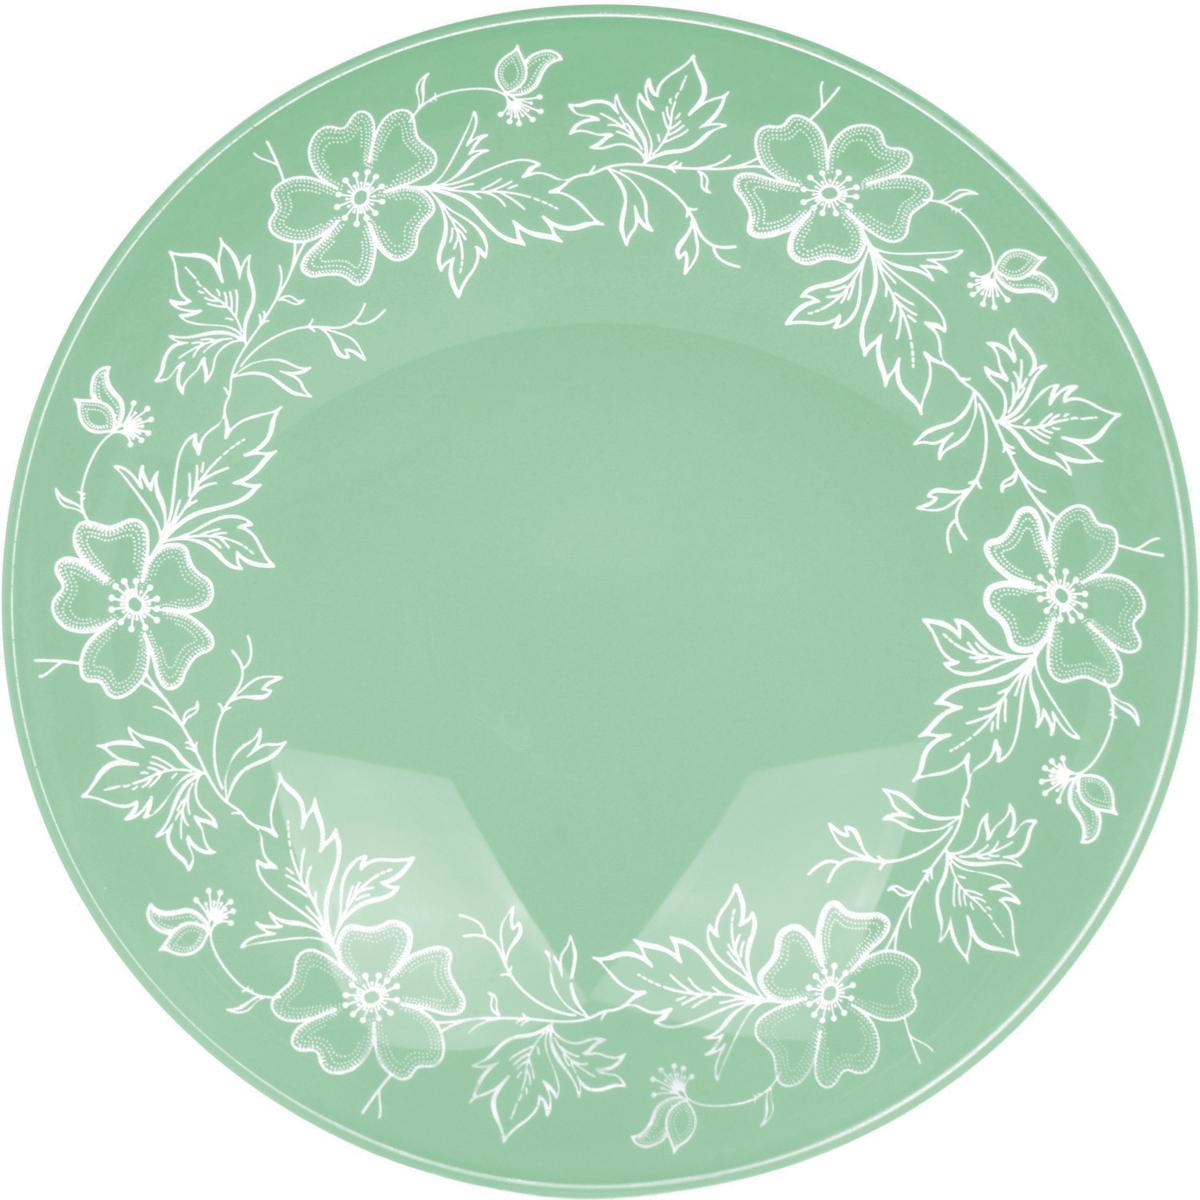 Тарелка Nina Glass Лара, цвет: светло-зеленый, диаметр 20 смNG85-200-075MСтеклянная посуда Никольского завода светотехнического стекла, известная под торговой маркой NinaGlass, успешно продается в российских магазинах. Продукция выглядит презентабельно, ассортимент весьма широк. Яркие, емкие, приятные тактильно салатники будут шикарно смотреться на обеденном столе. Салатники и блюда предназначены для сервировки стола. Пригодны для ежедневного использования.Цветные салатники и тарелки NinaGlass нельзя использовать в СВЧ и мыть в ПММ.